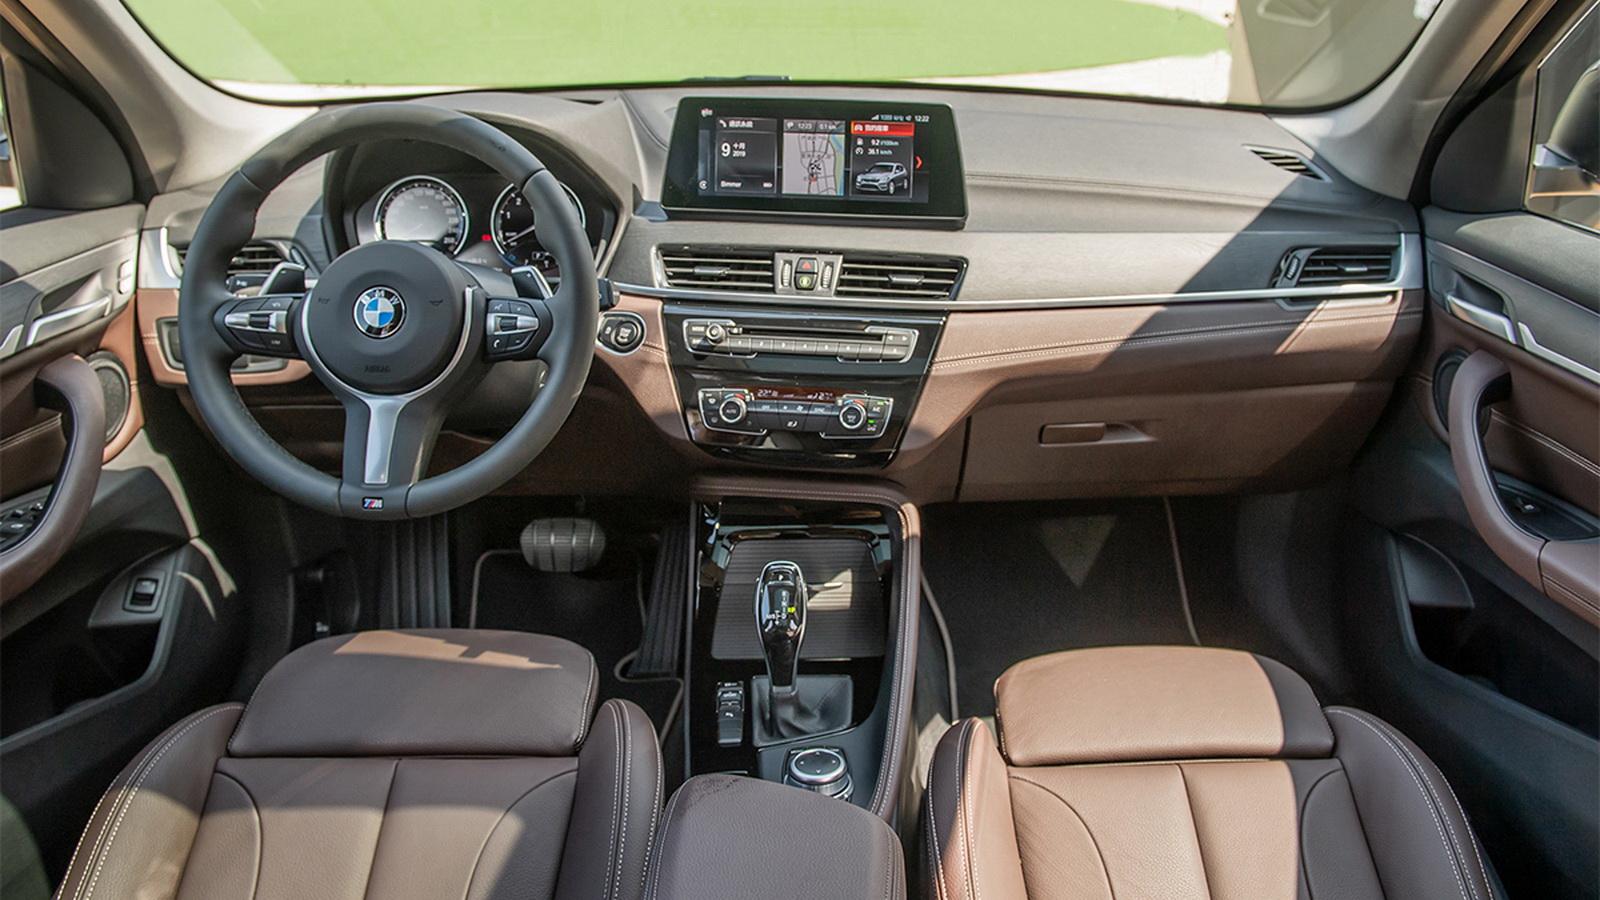 圖/2020 BMW X1 sDrive18i採用Walknappa真皮包覆的方向盤,搭配Sensatec皮質雙前座電動座椅,提供絕佳的操駕體驗。